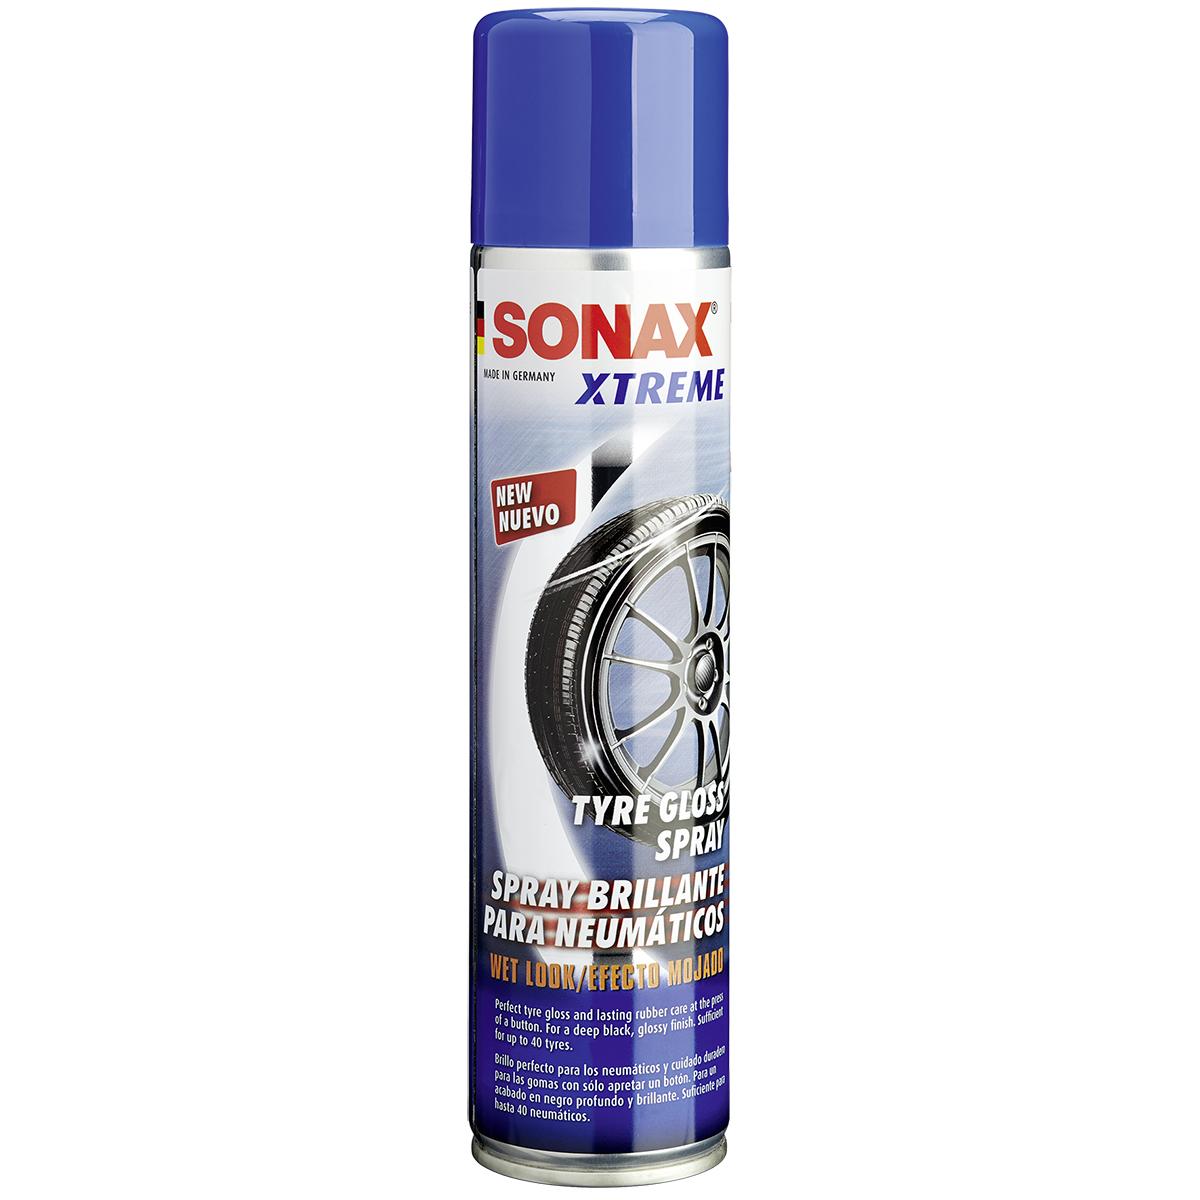 Bảo Dưỡng Lốp (Vỏ) Xtreme dạng phun, tạo hiệu ứng ướt Sonax Xtreme Tyre Gloss Spray 235300 400 ml